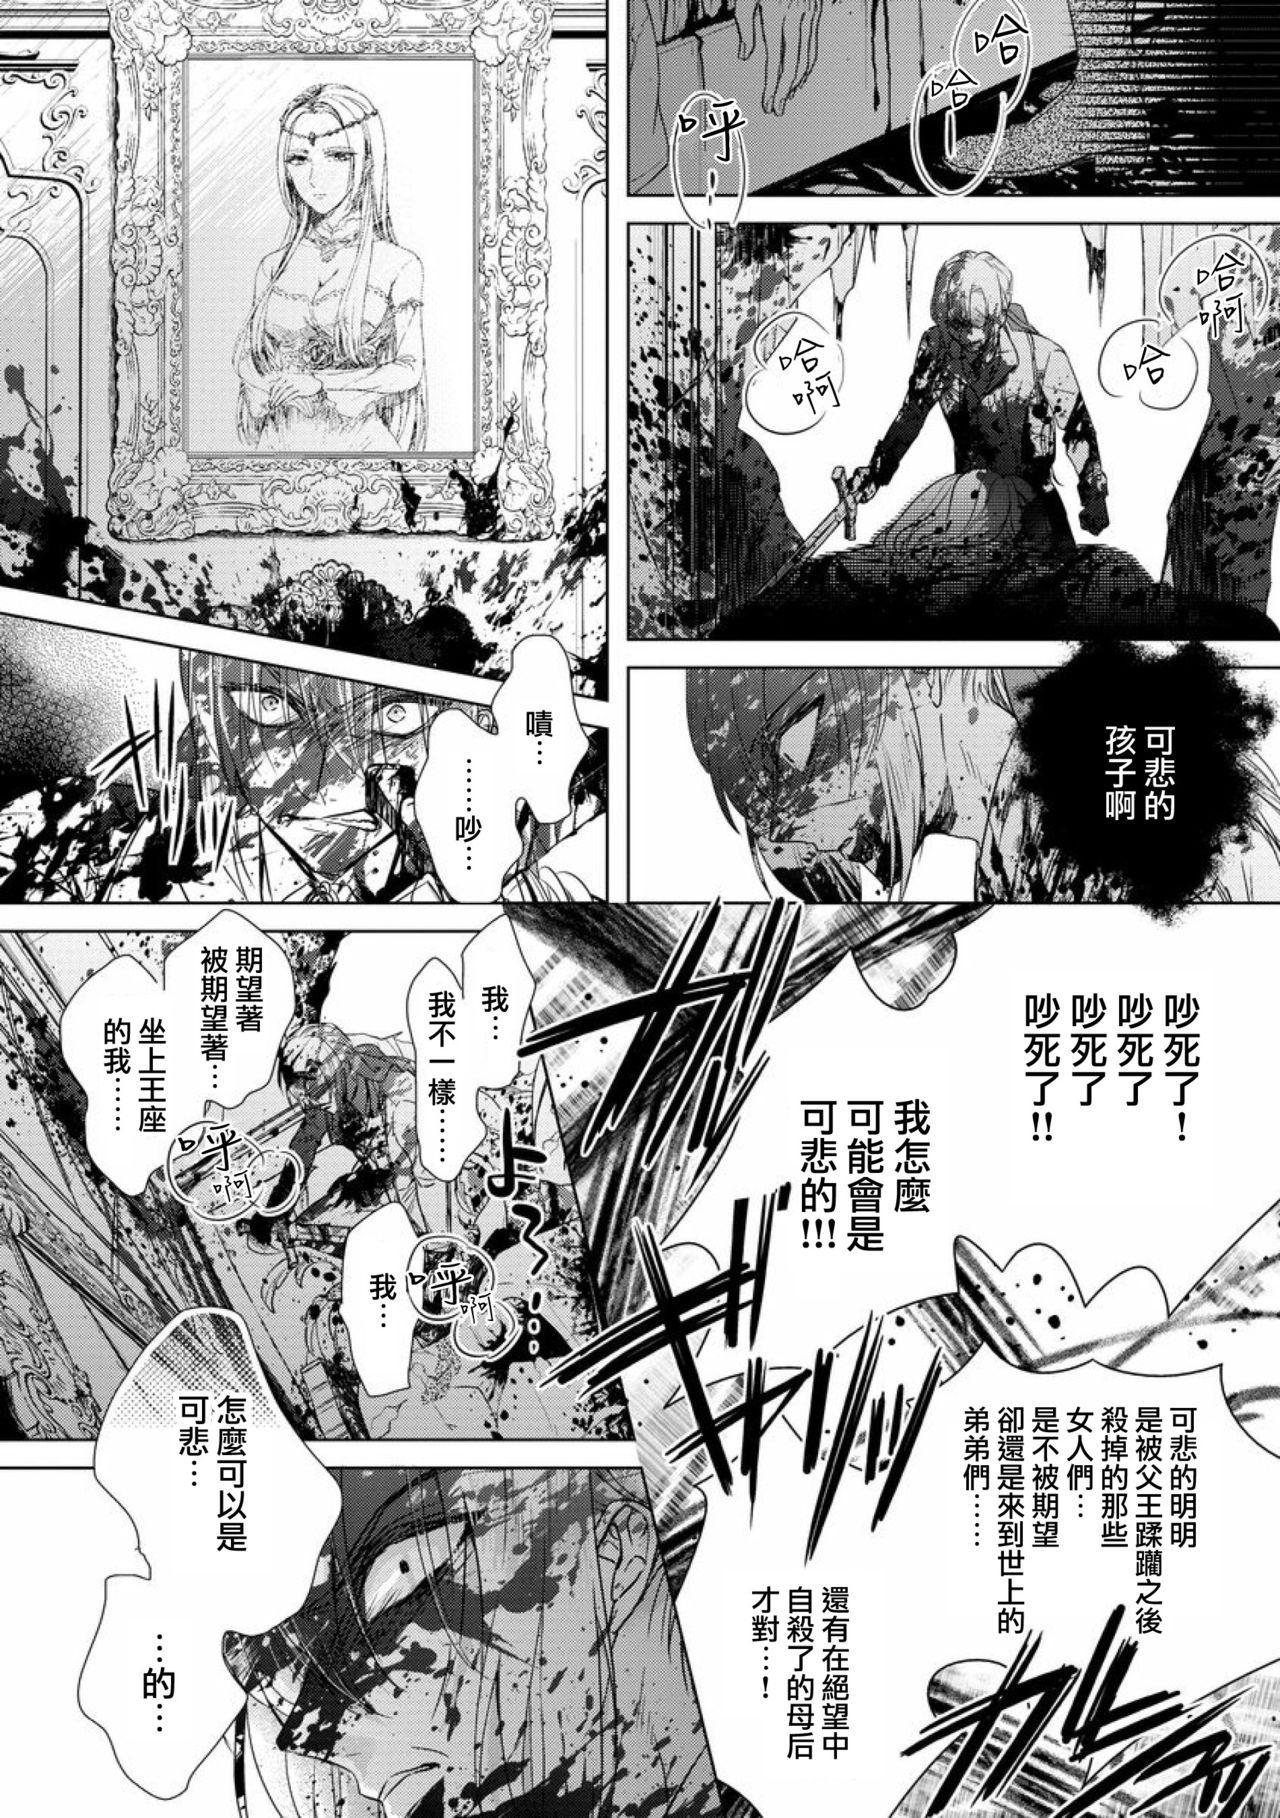 [Saotome Mokono] Kyououji no Ibitsu na Shuuai ~Nyotaika Knight no Totsukitooka~ Ch. 12 [Chinese] [瑞树汉化组] [Digital] 19